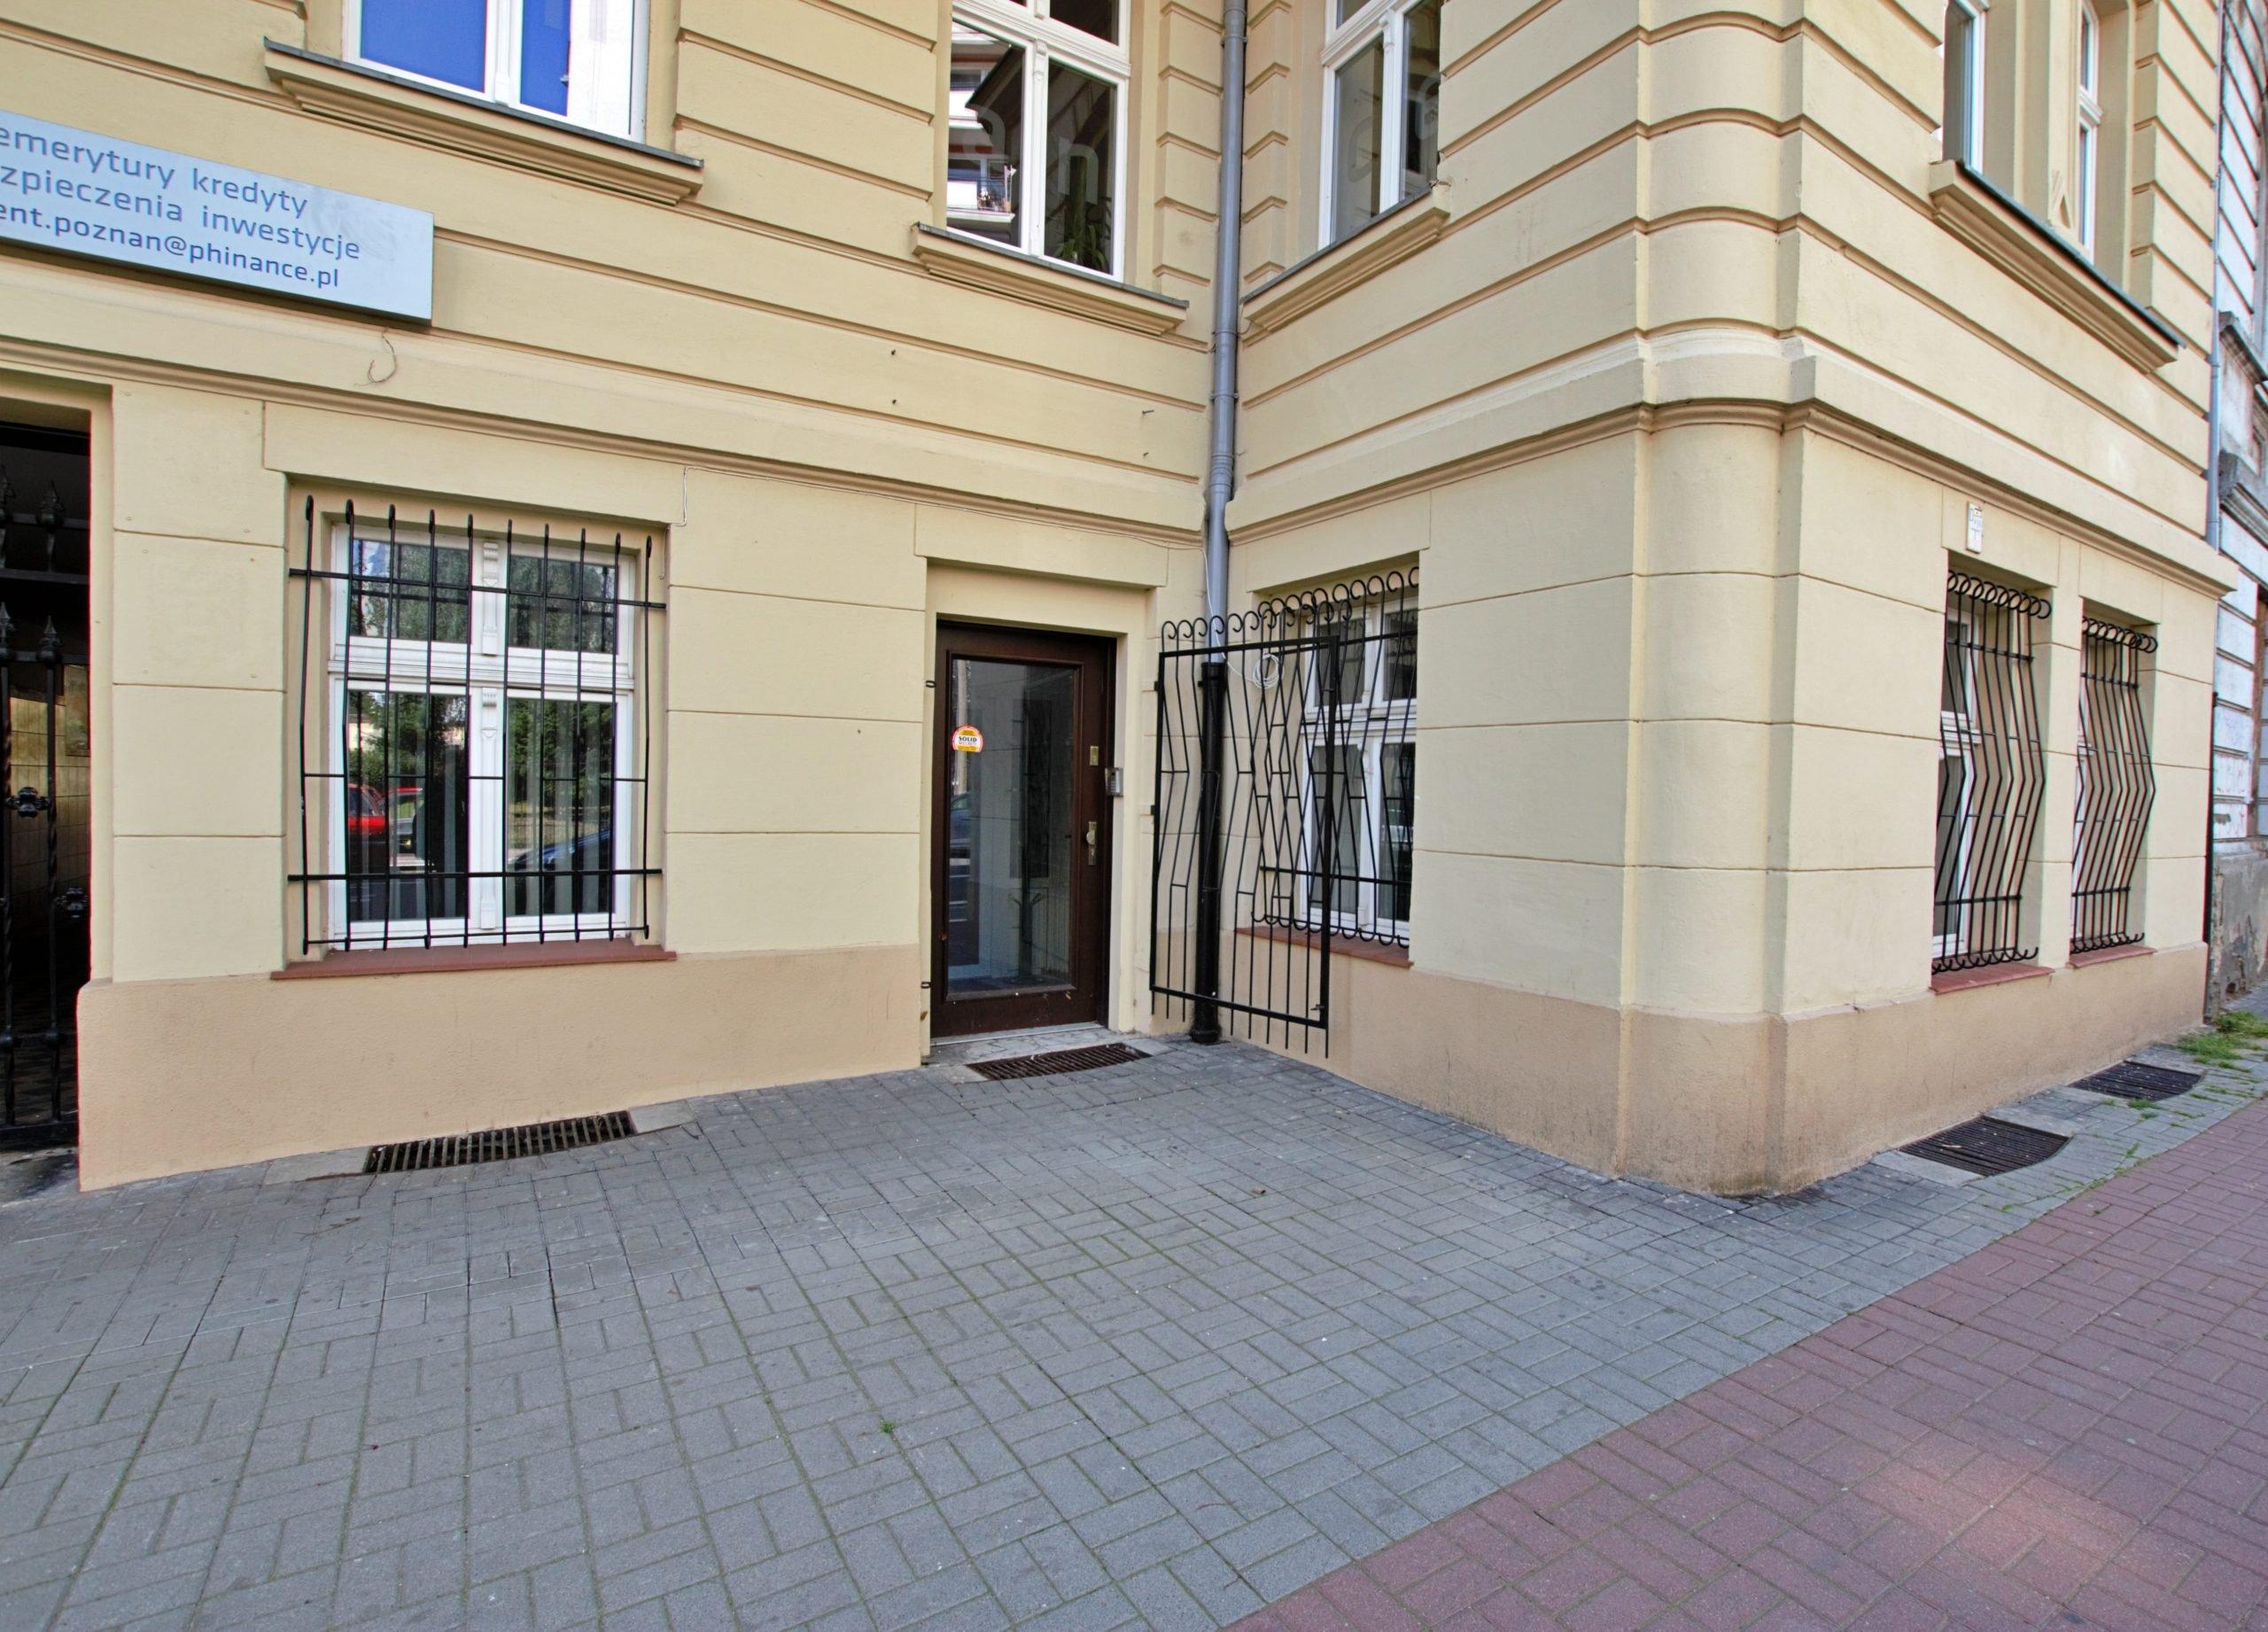 Lokal użytkowy, 133 m2, ul. Nowowiejskiego